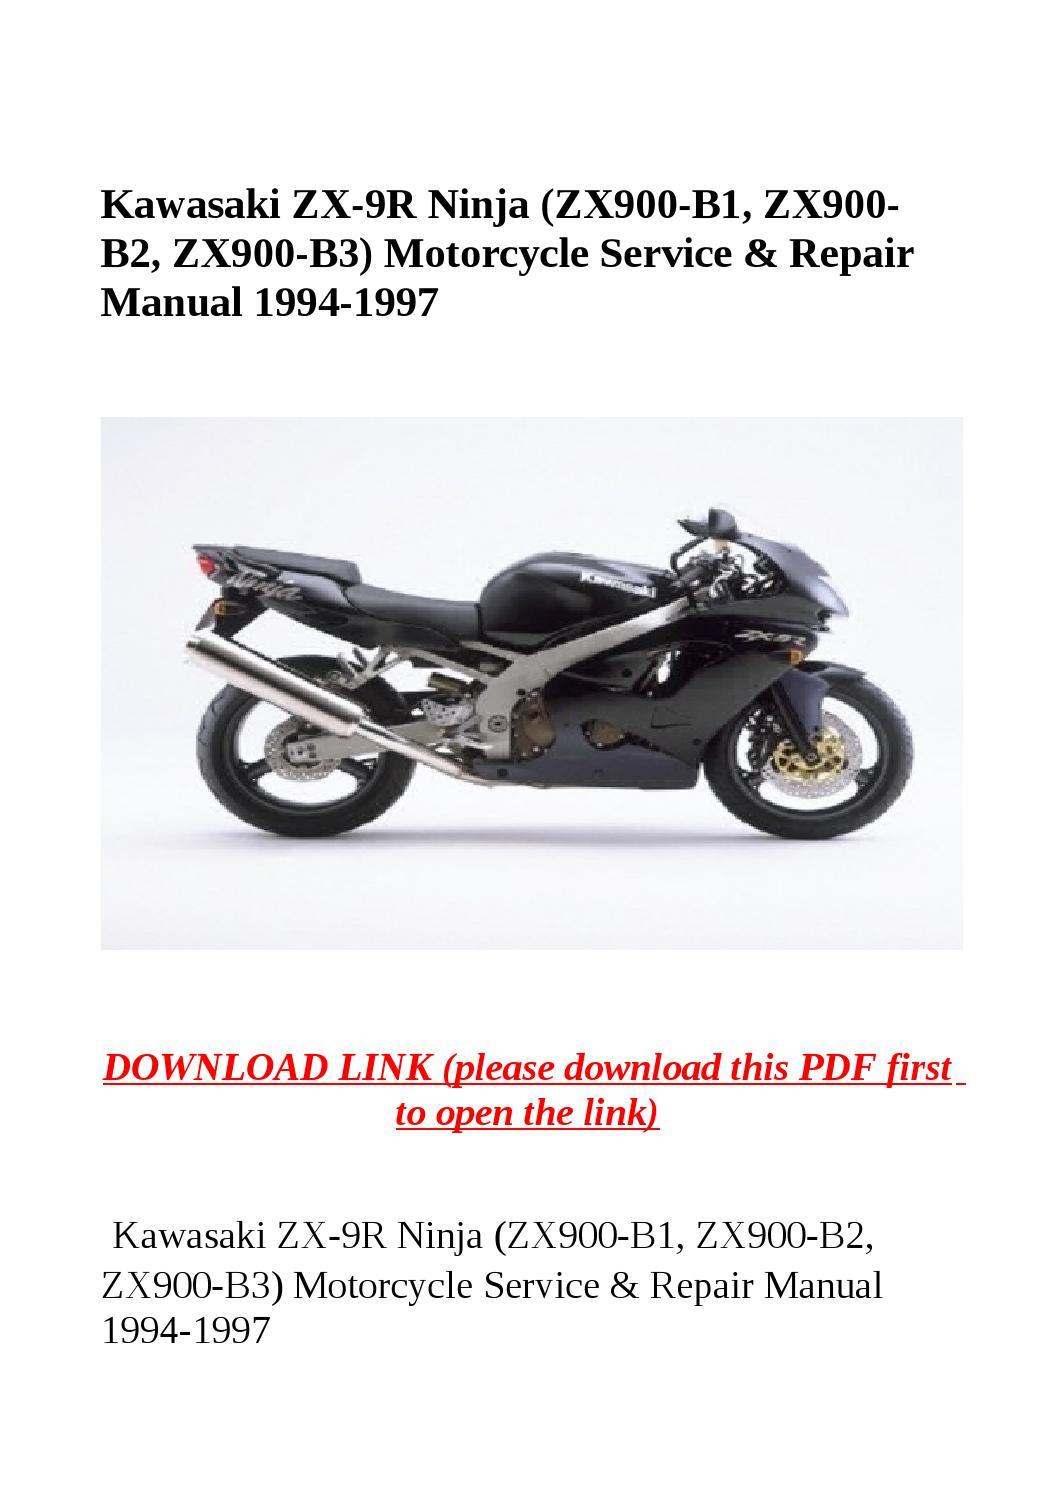 Kawasaki Zx9r 1994 1995 1996 1997 Service Repair Manual Auto Engine Diagram 1985 Ninja 900 Zx 9r Zx900 B1 B2 B3